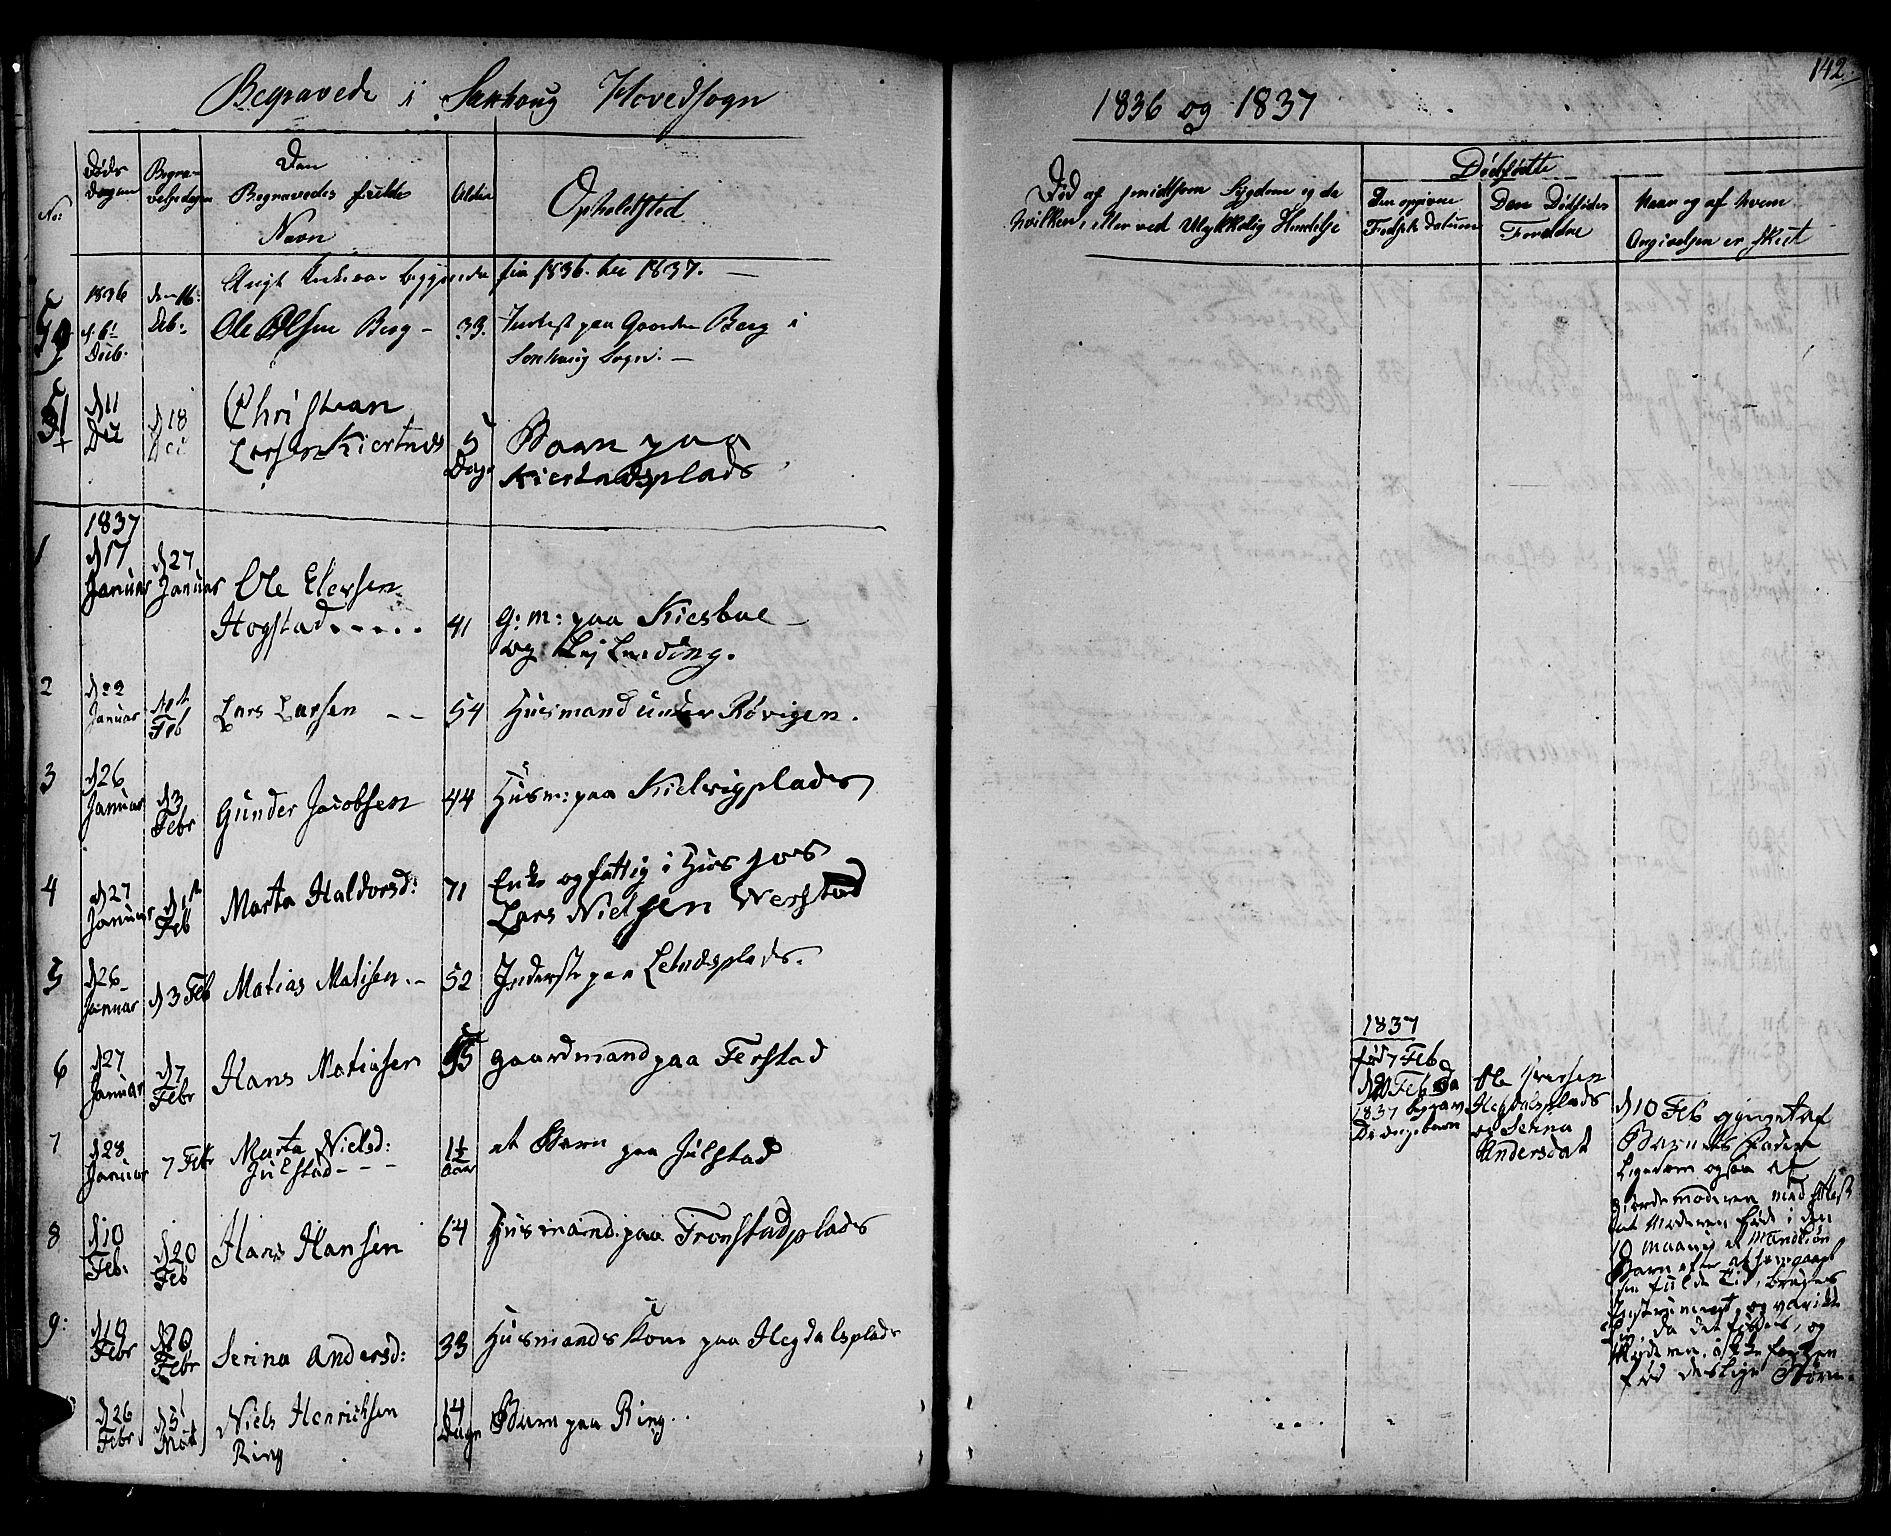 SAT, Ministerialprotokoller, klokkerbøker og fødselsregistre - Nord-Trøndelag, 730/L0277: Ministerialbok nr. 730A06 /1, 1830-1839, s. 142